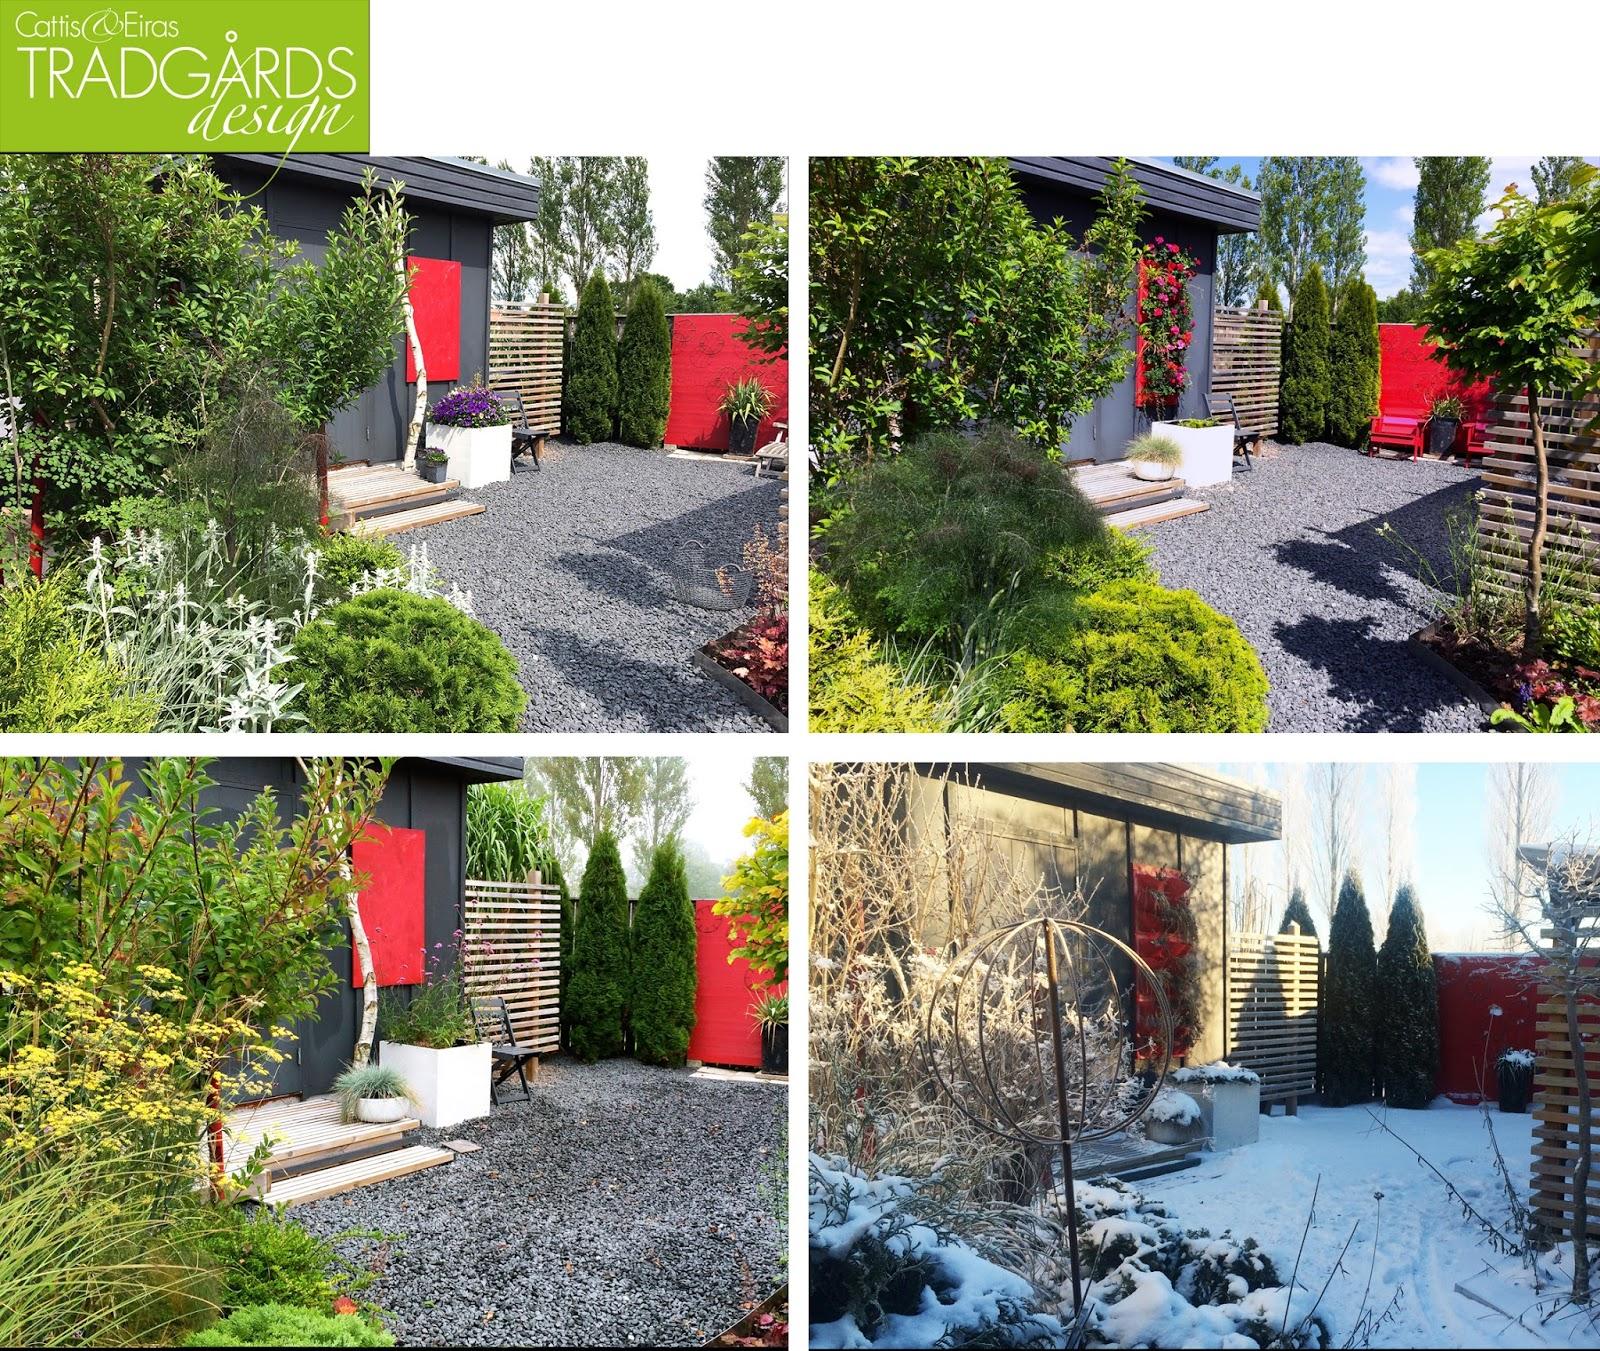 Cattis och eiras trädgårdsdesign: januari 2016